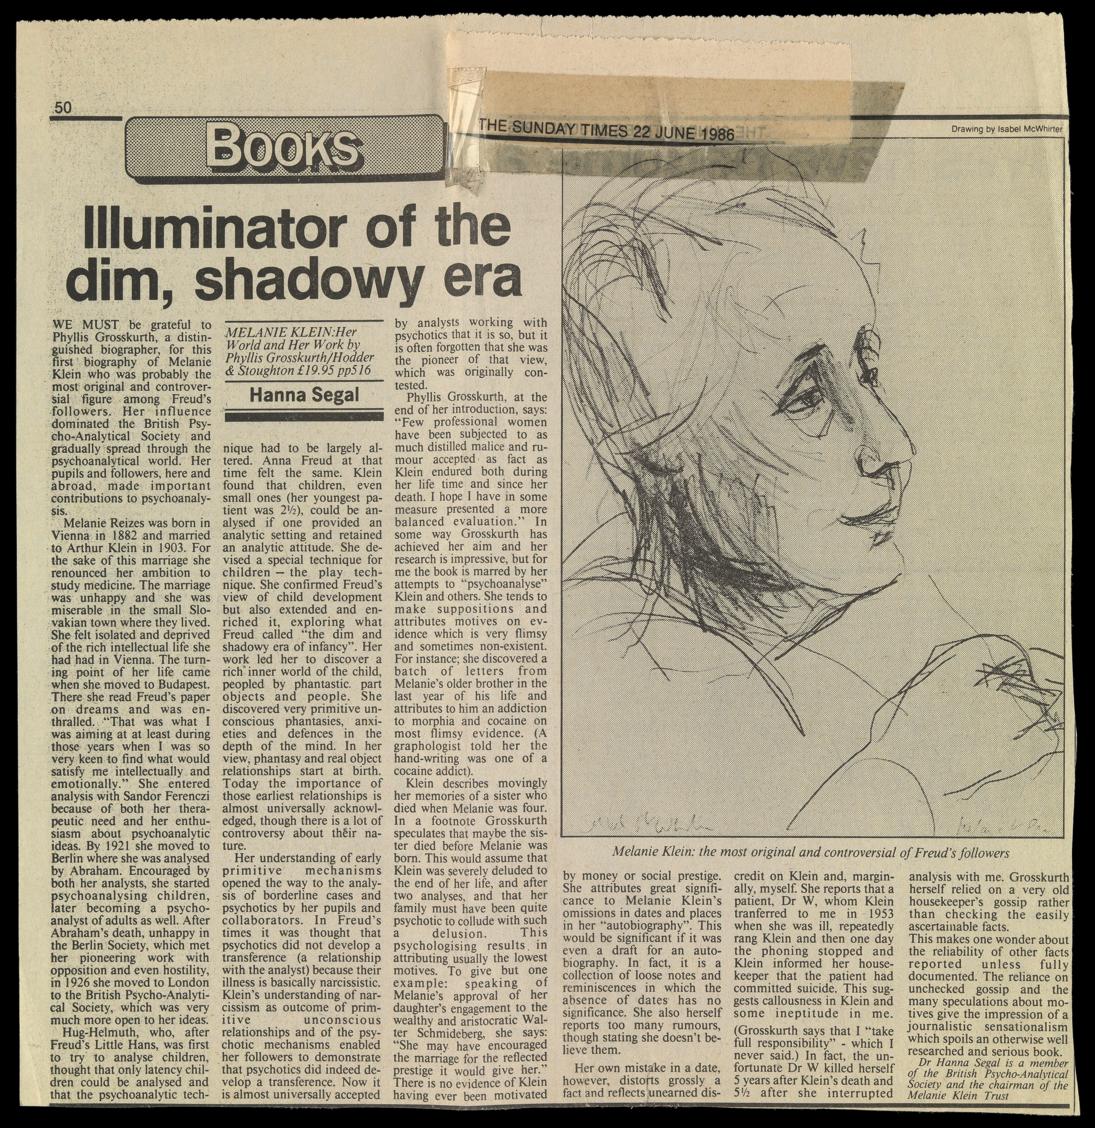 Compte-rendu d'Hanna Segal de la biographie de Melanie Klein par Phyllis Grosskurth publié dans le Sunday Times du 22 juin 1986